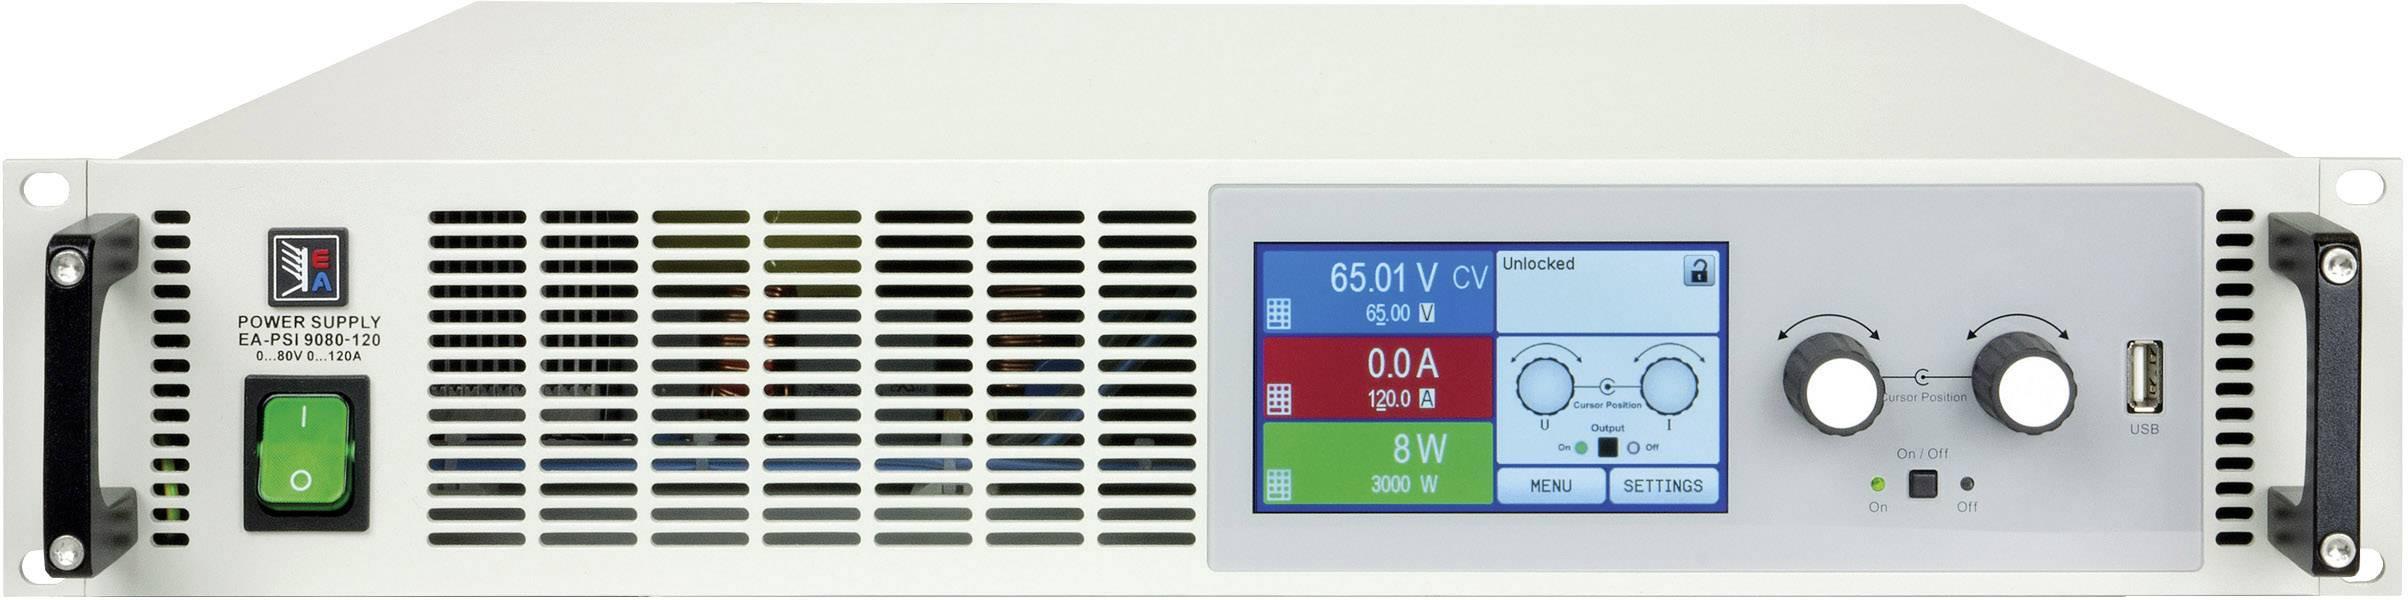 Programovateľný laboratórny zdroj EA EA-PSI 9200-25, 2U, 200 V, 25 A, 1500 W, USB